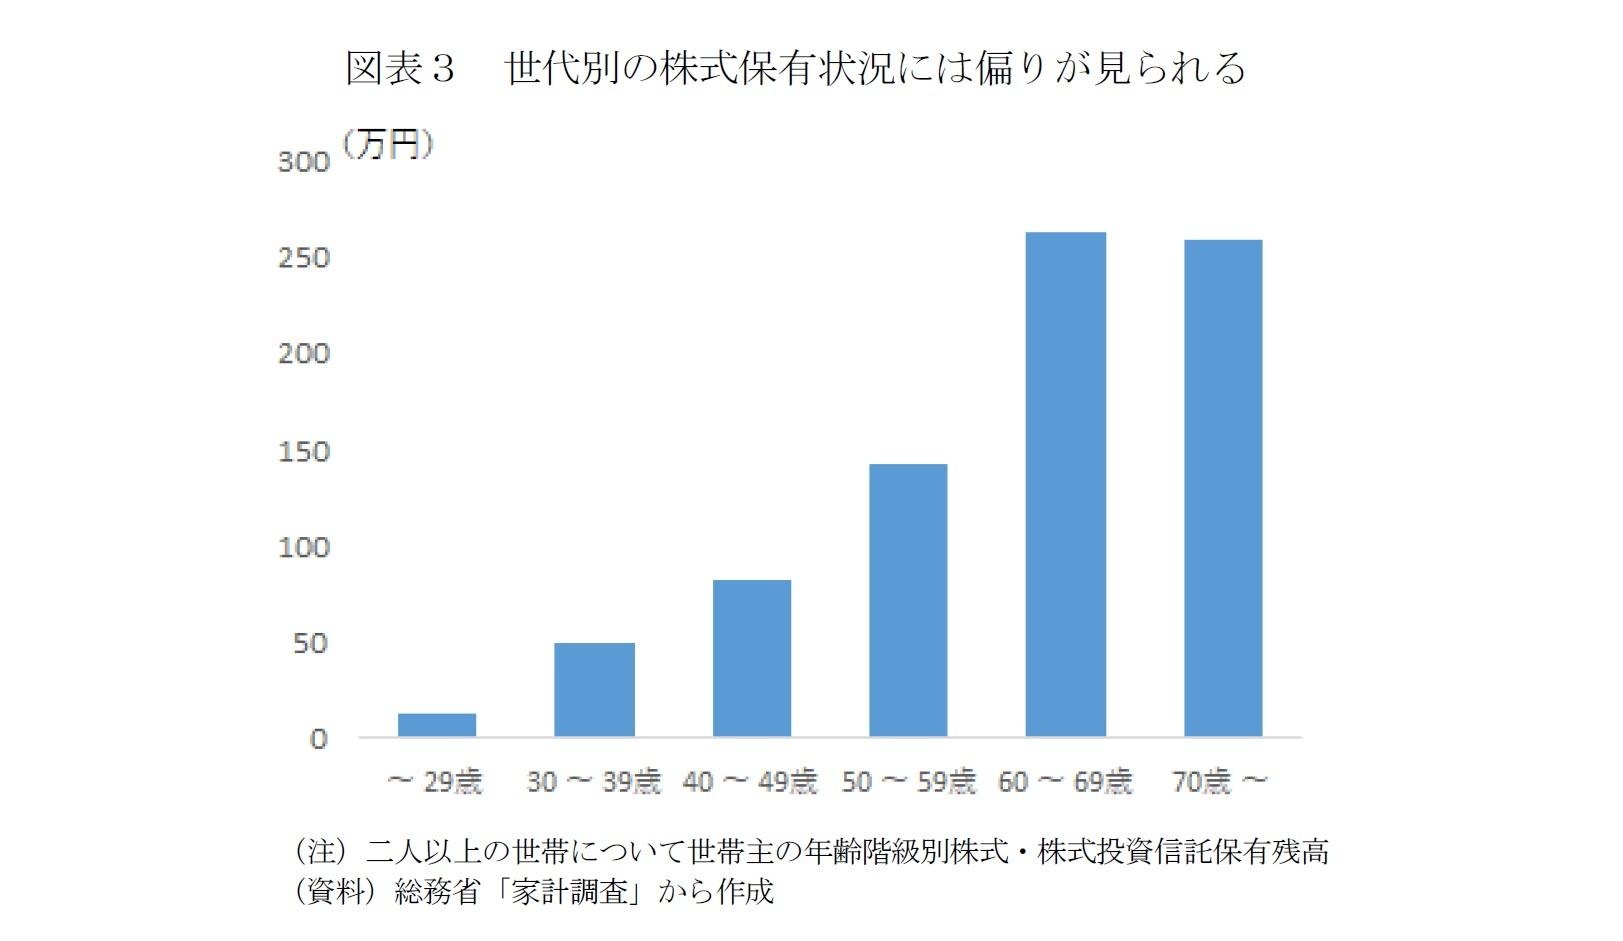 図表3 世代別の株式保有状況には偏りが見られる